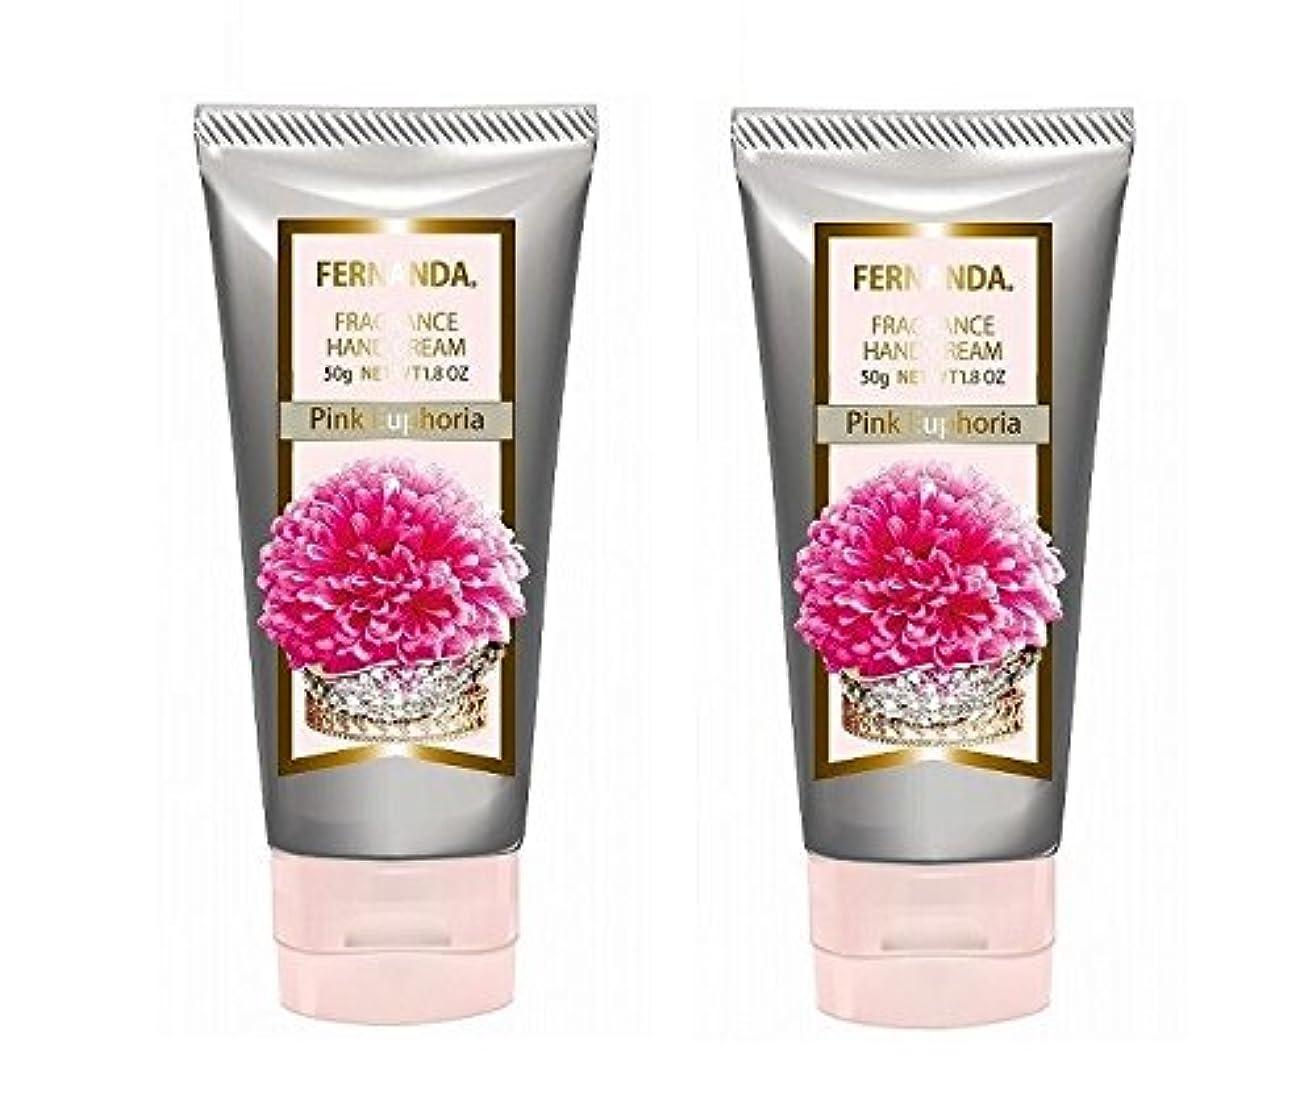 寛容な習慣郵便局FERNANDA(フェルナンダ) Hand Cream Pink Euphoria (ハンドクリーム ピンクエウフォリア)×2個セット